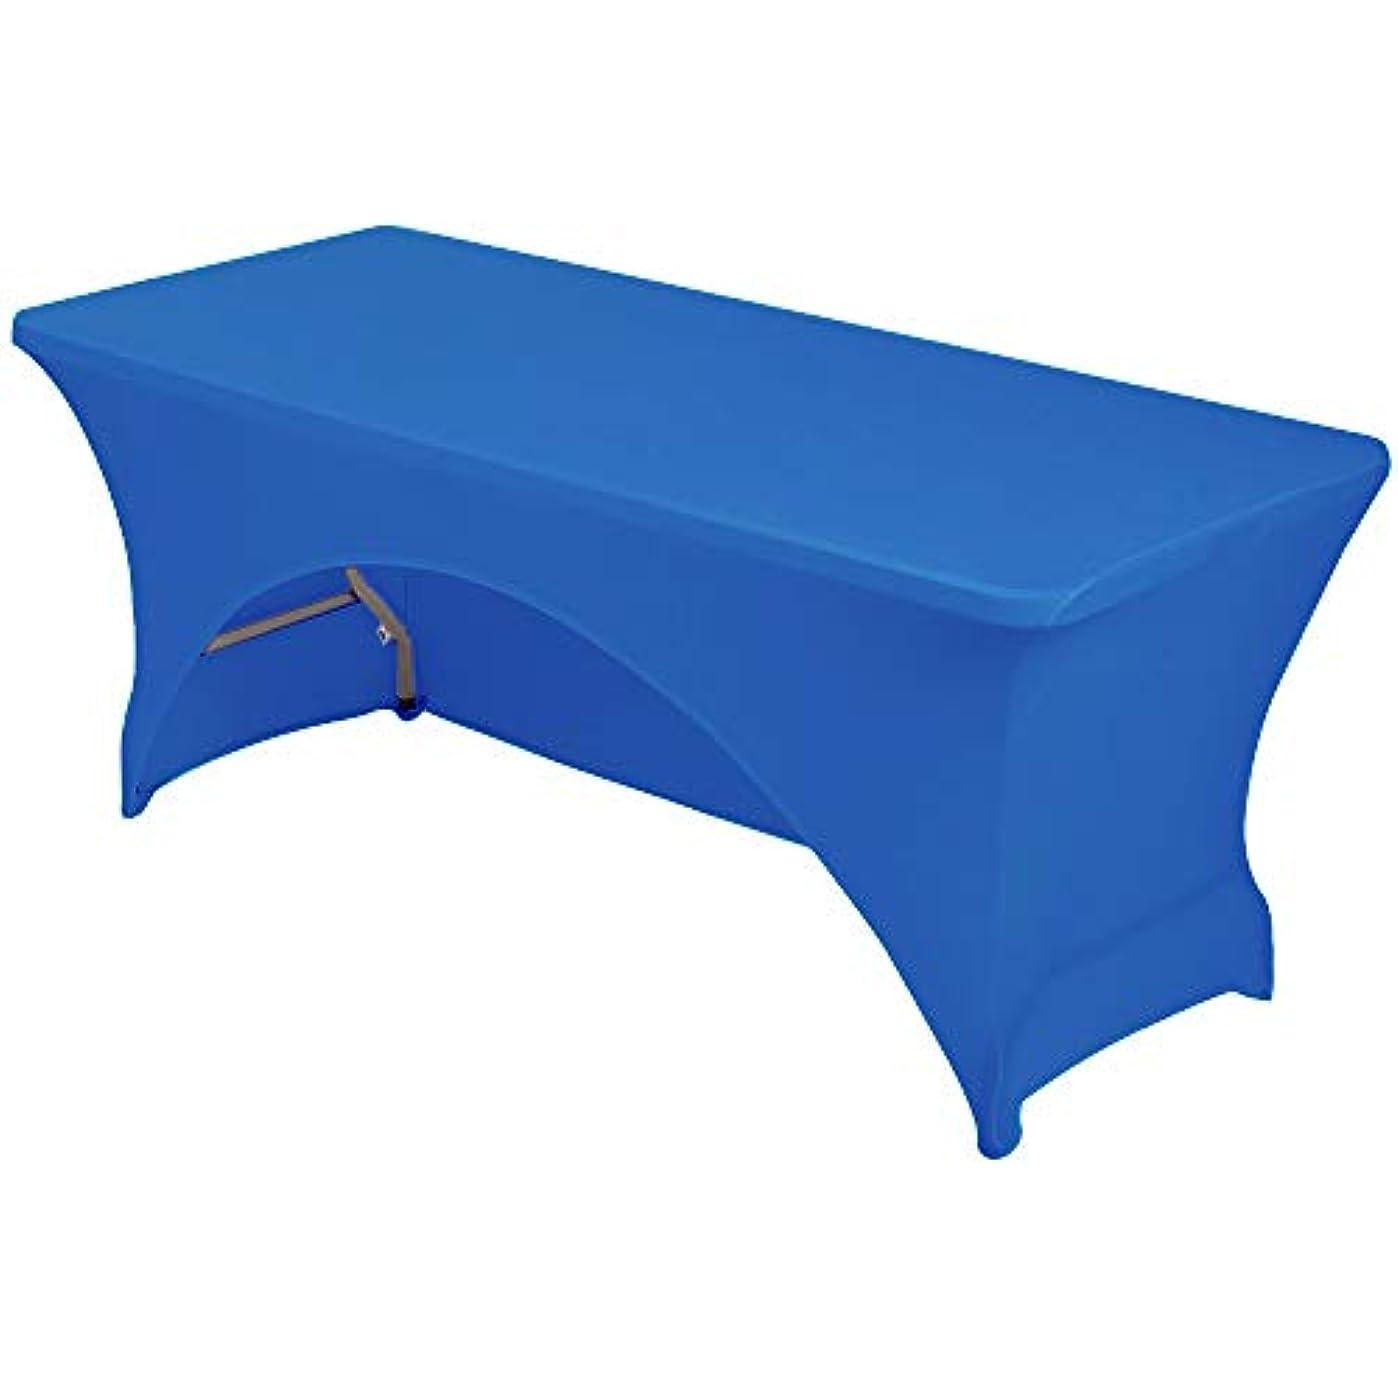 過言同一の連邦YOYO HOME 長さ185×幅76×高さ76cm ポータブルベッドクロス 折りたたみベッド ポータブルベッド 整体ベッド マッサージ台 施術ベッド 施術台 エステベッド マッサージ 整体 ベッドを使う